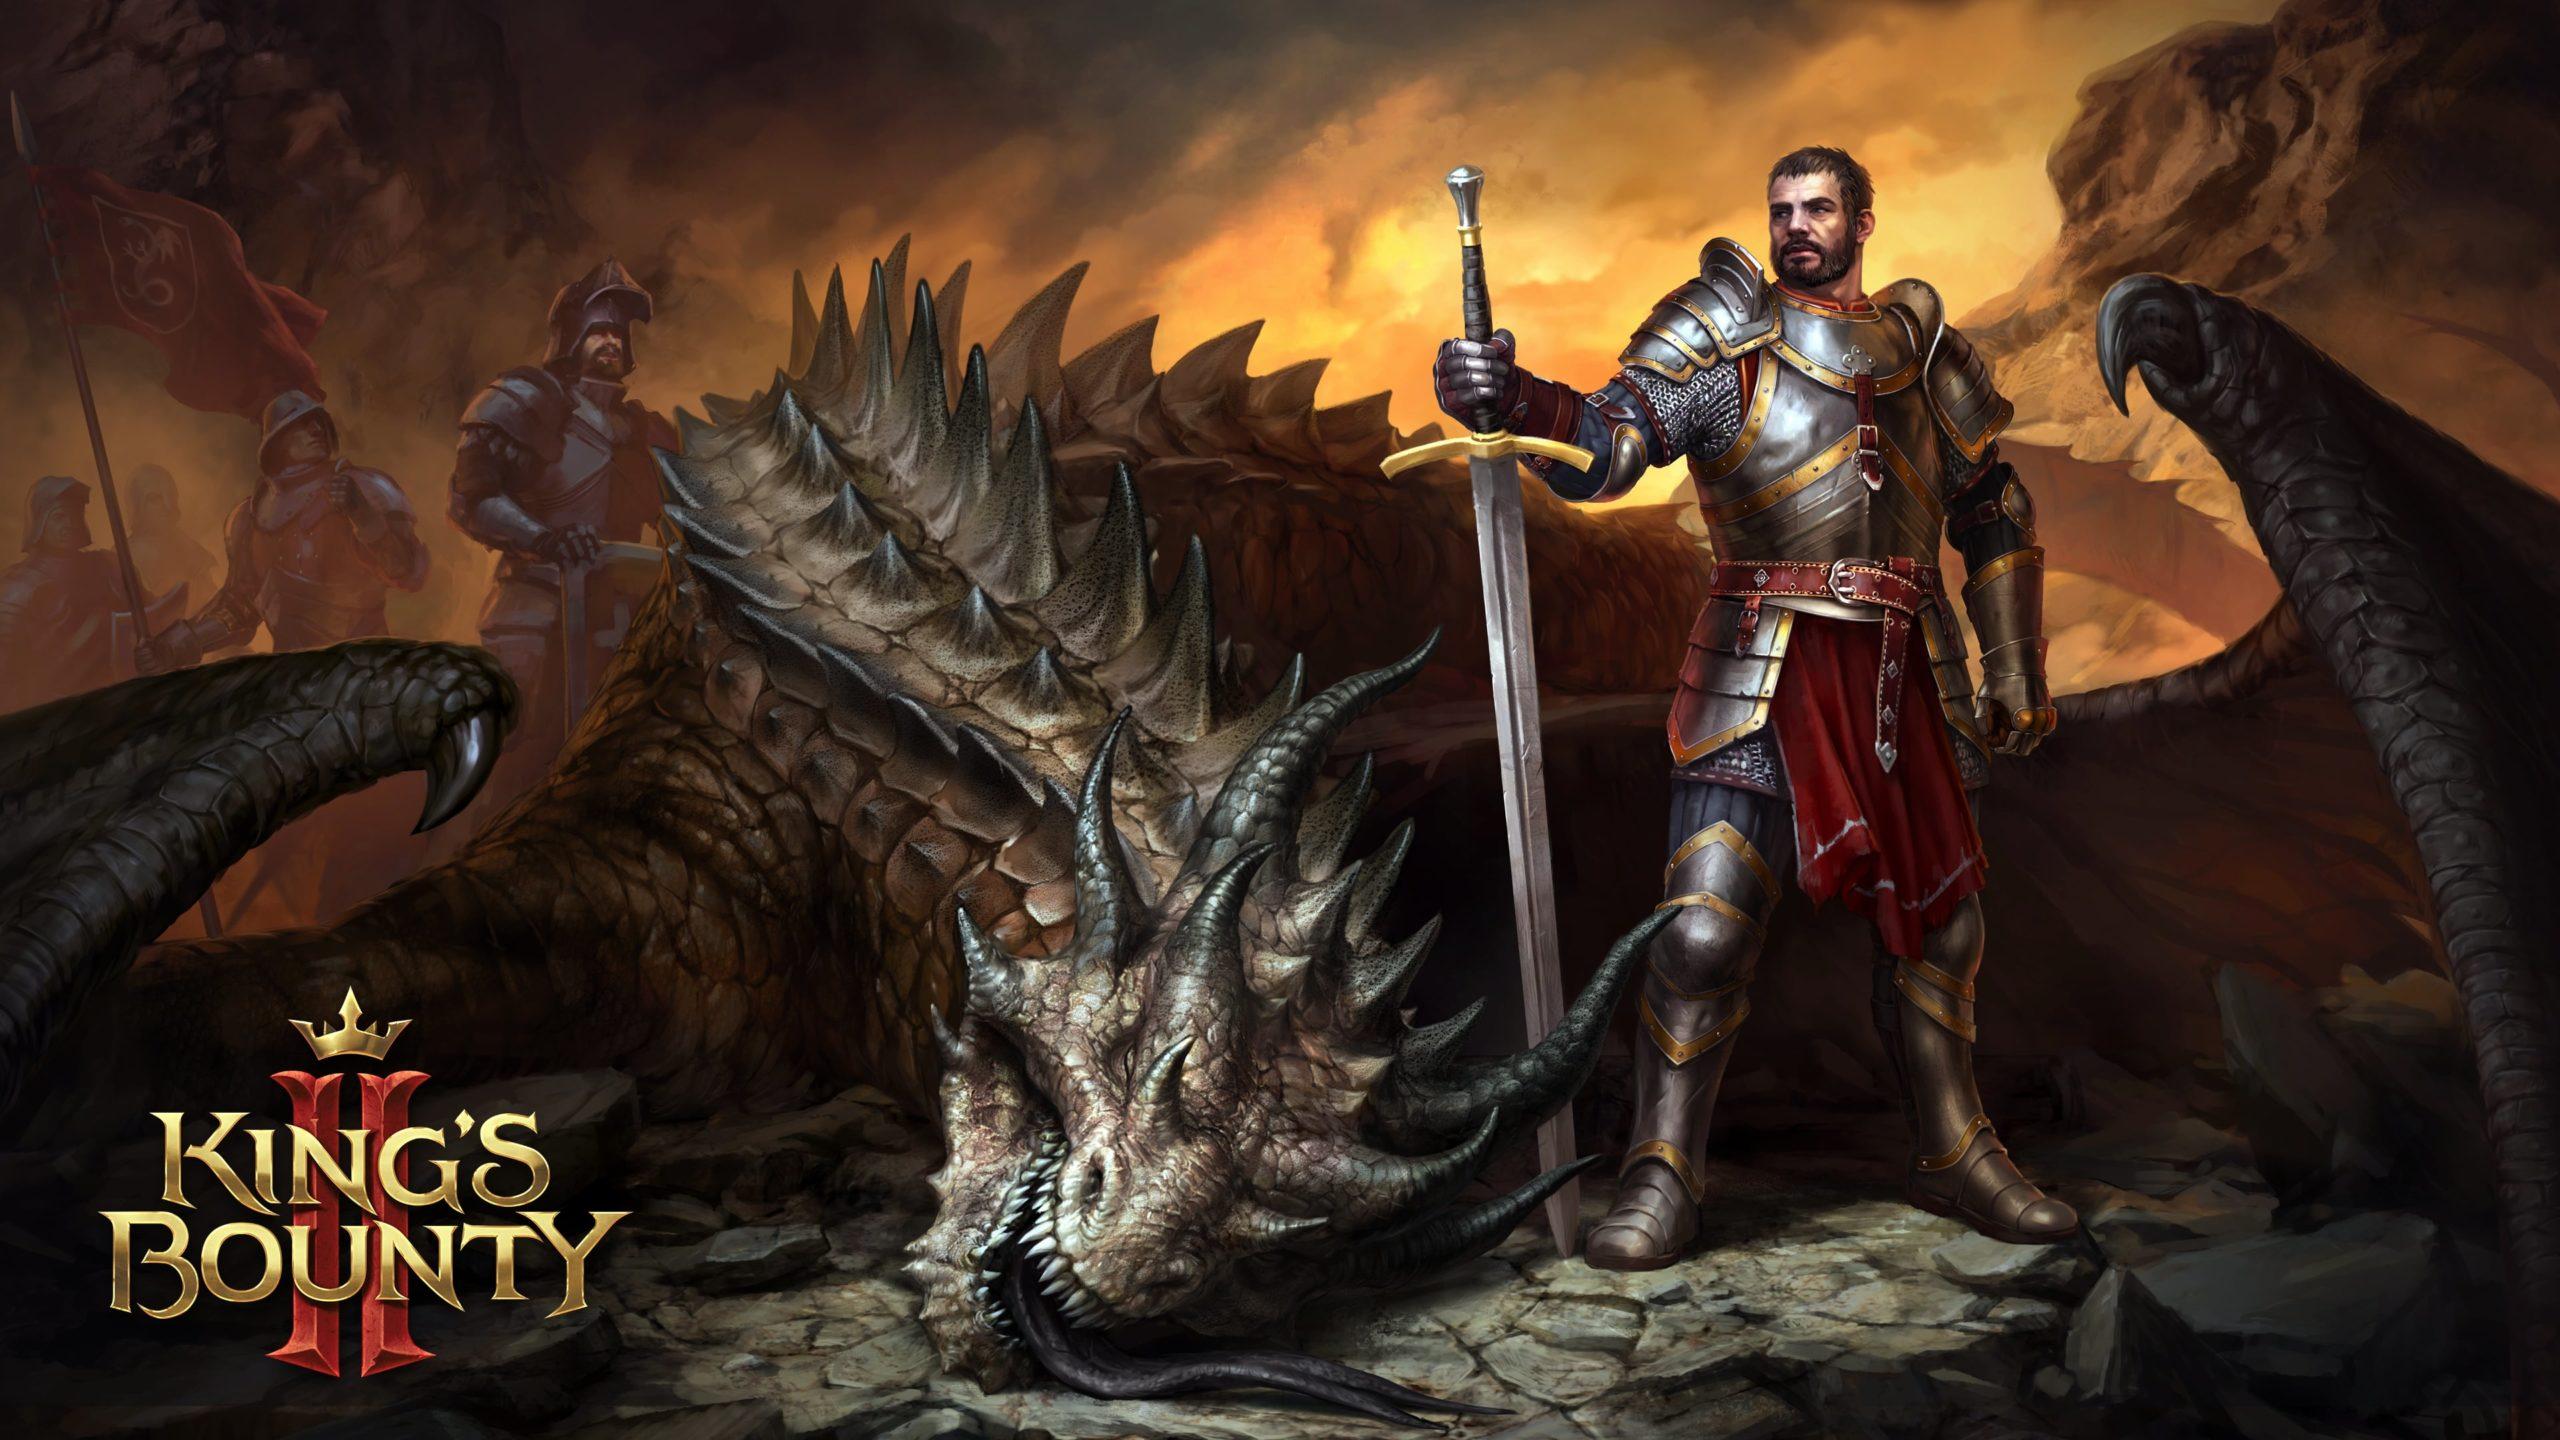 Dojmy z hraní King's Bounty II 3840x2160 aivar scaled